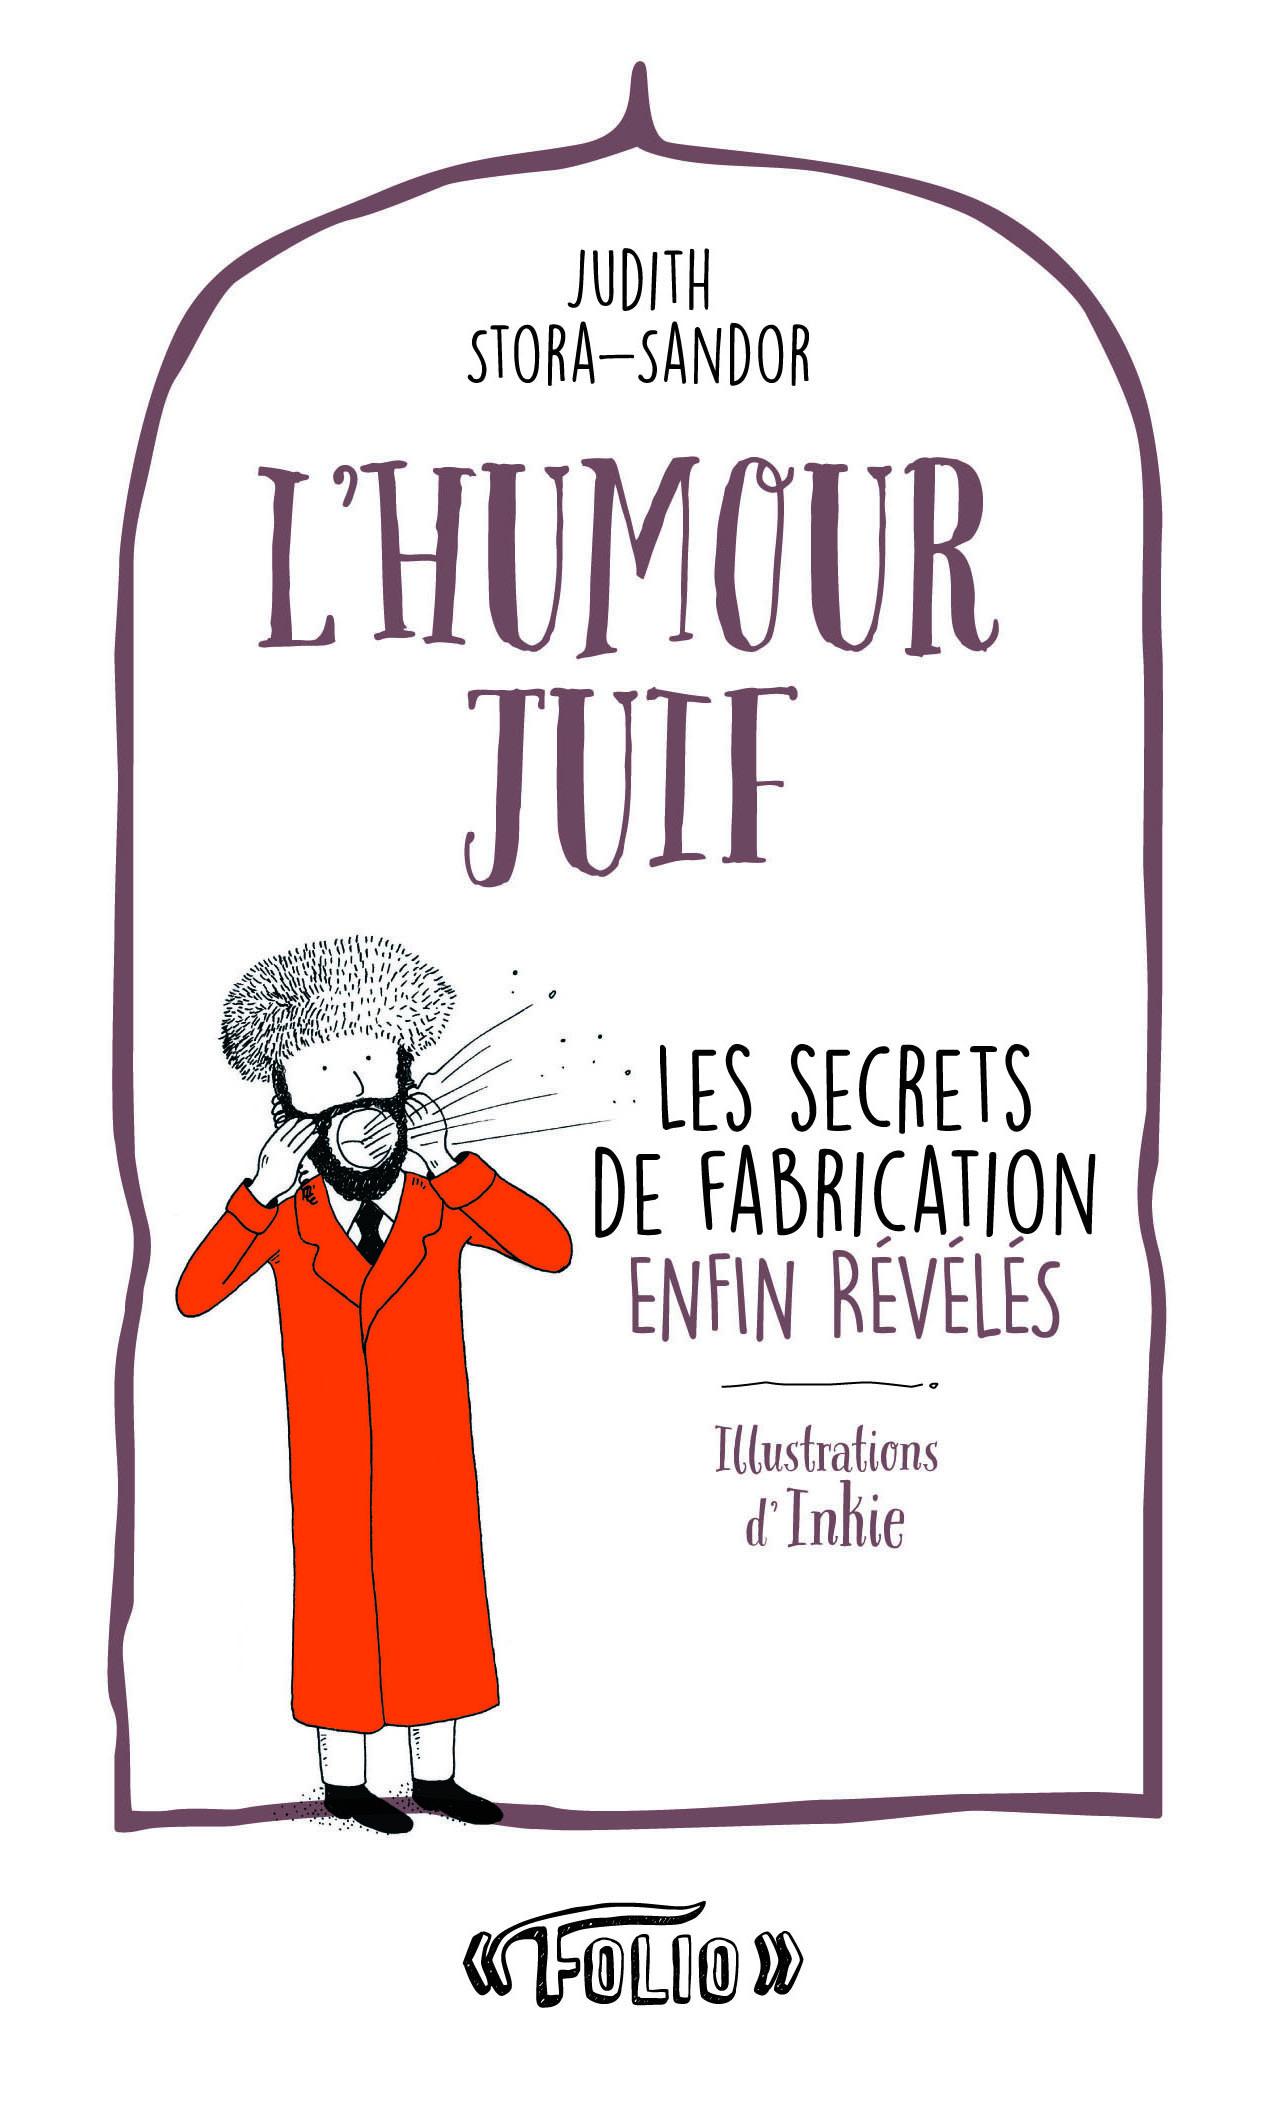 L'HUMOUR JUIF LES SECRETS DE FABRICATION ENFIN REVELES